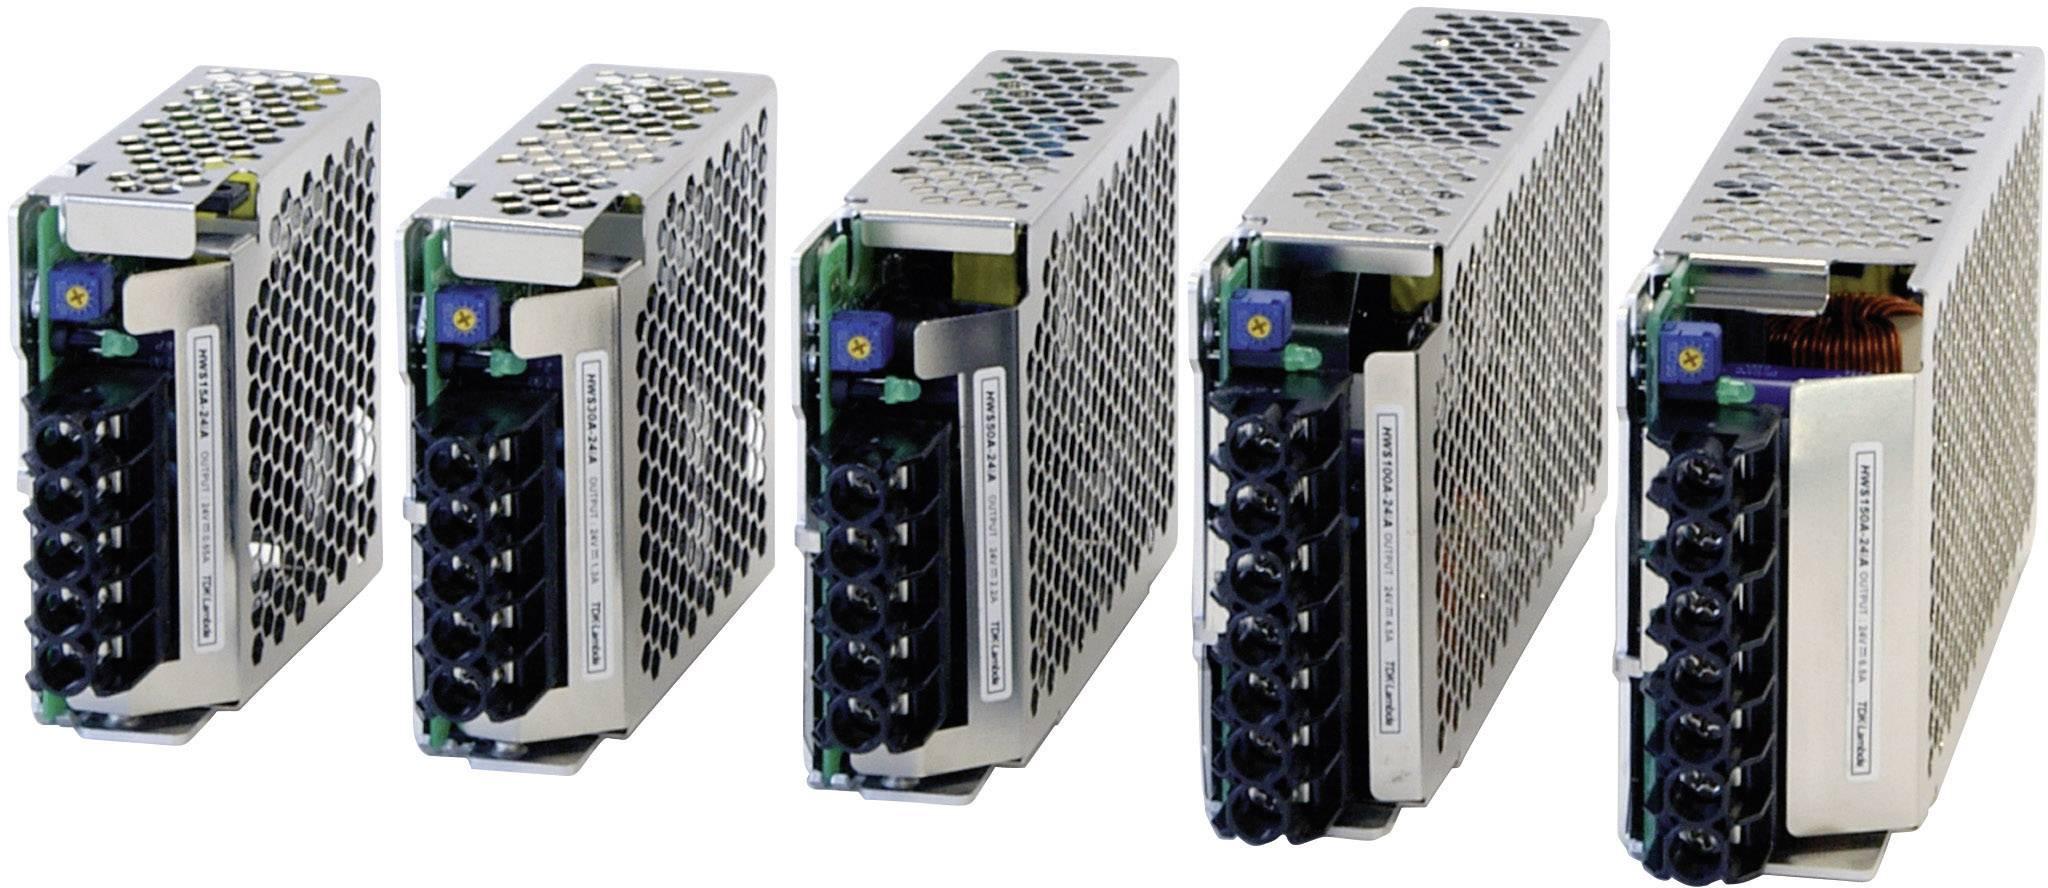 Vestavný napájecí zdroj TDK-Lambda HWS-100A-24, 24 V, 108 W